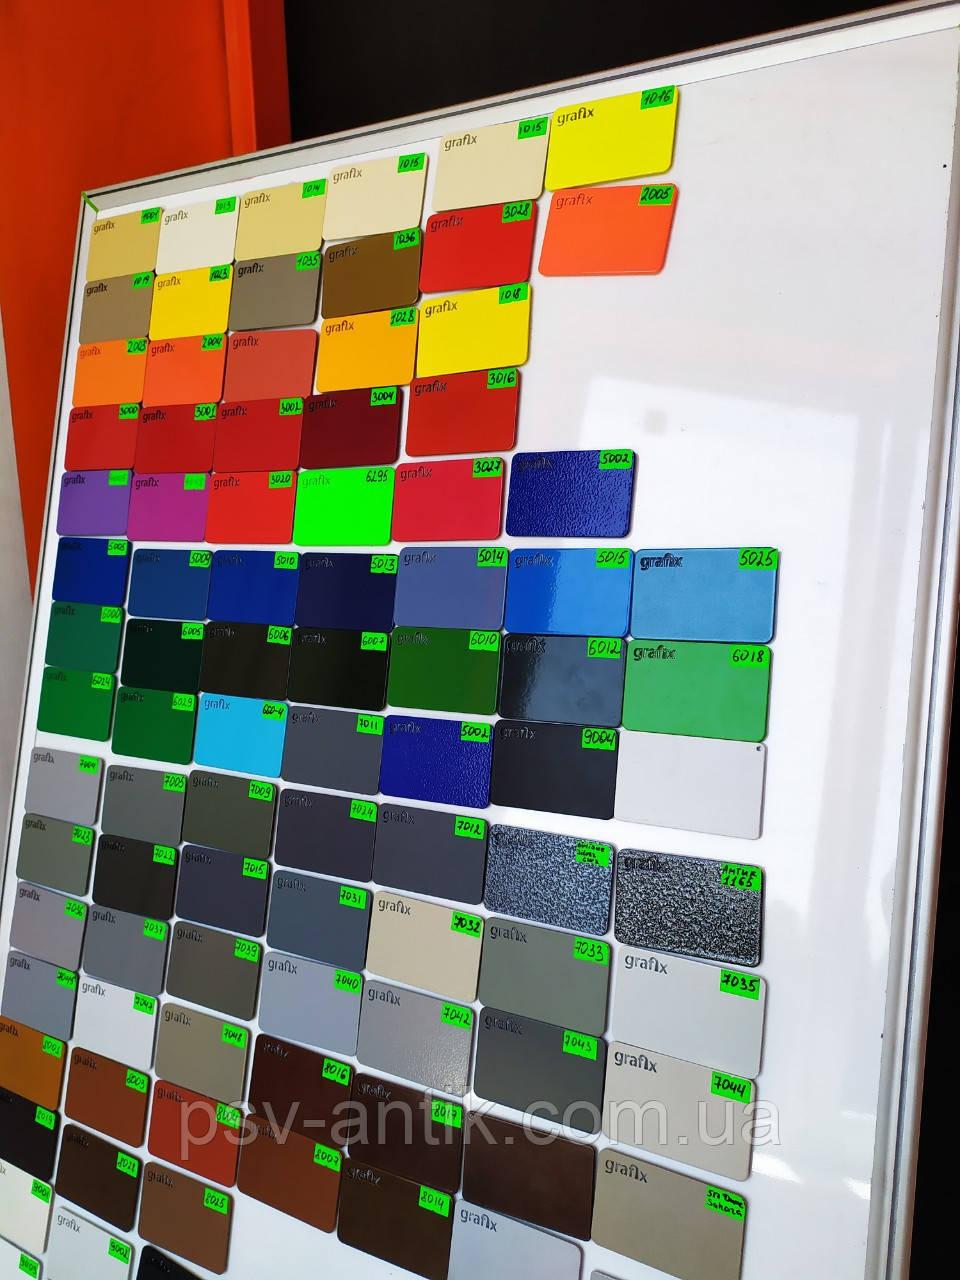 Порошковая краска матовая, полиэфирная, архитектурная, 9002